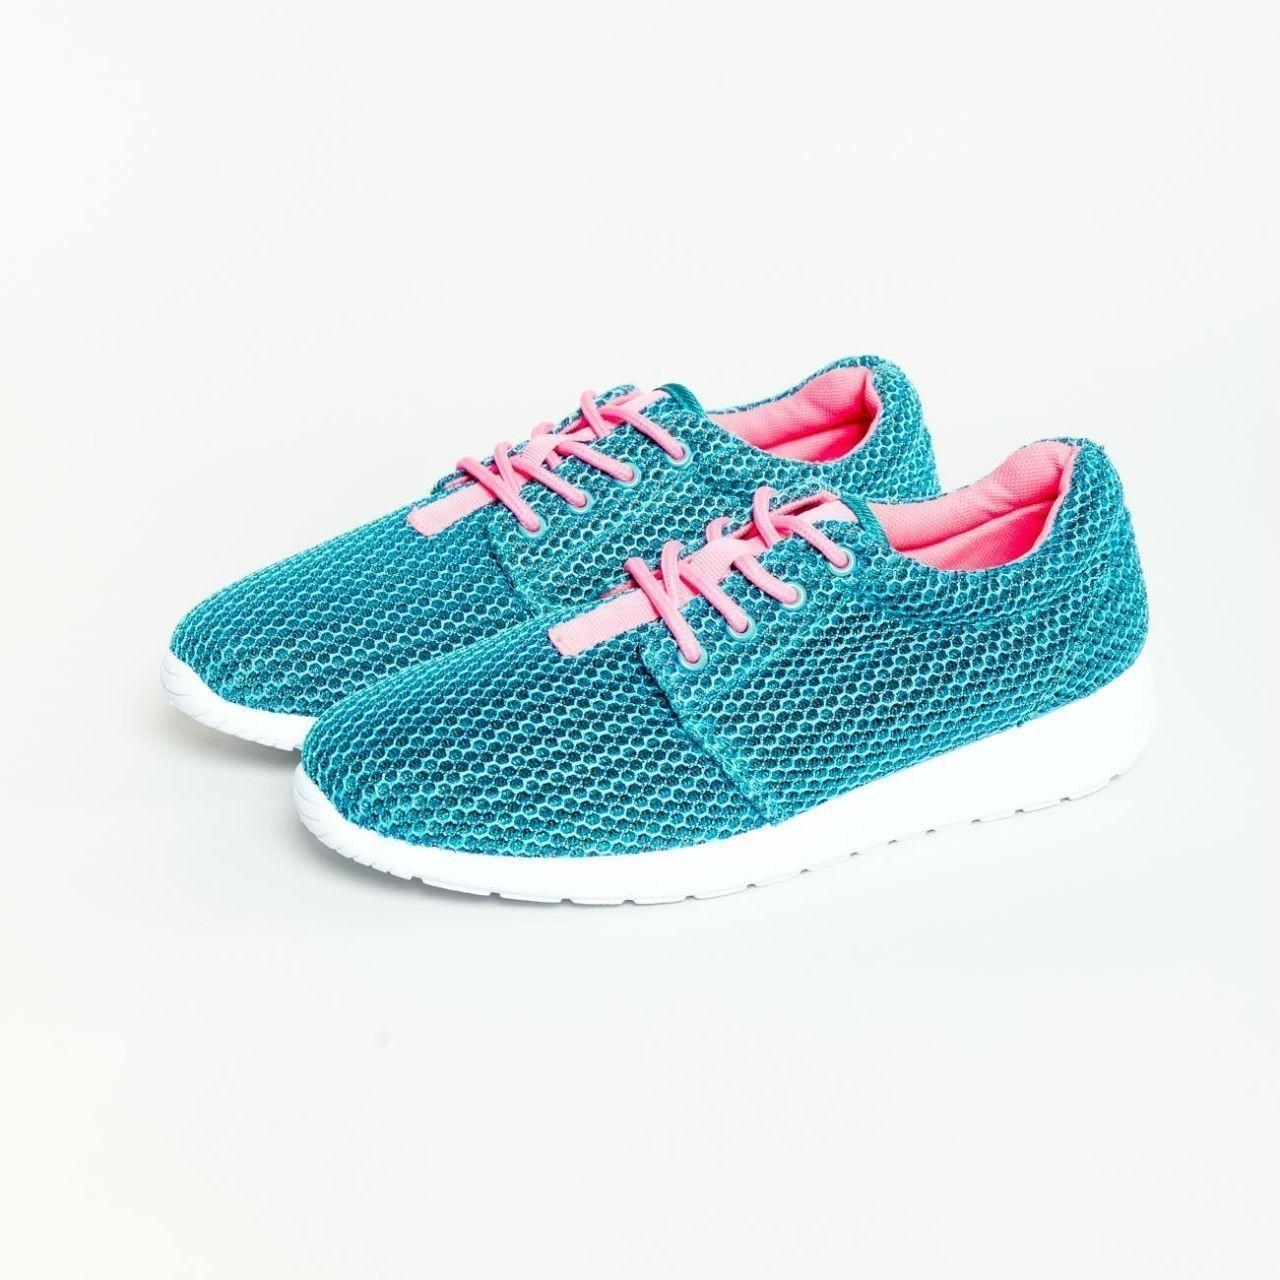 Modré sportovní boty – 36